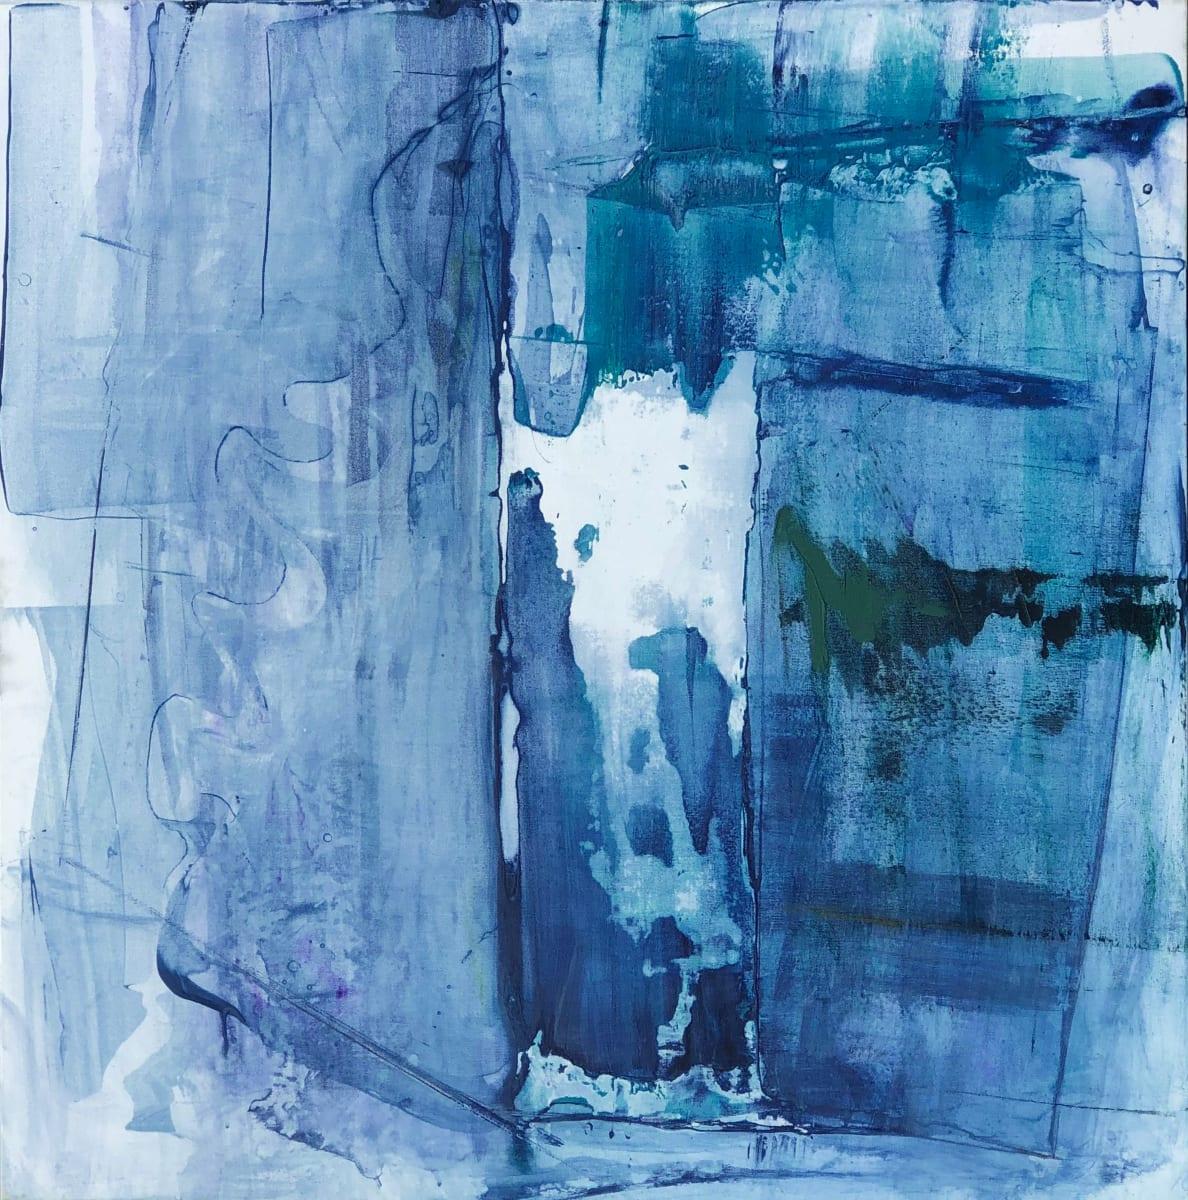 Hinged Sky (Breakthrough) by Laura Viola Preciado